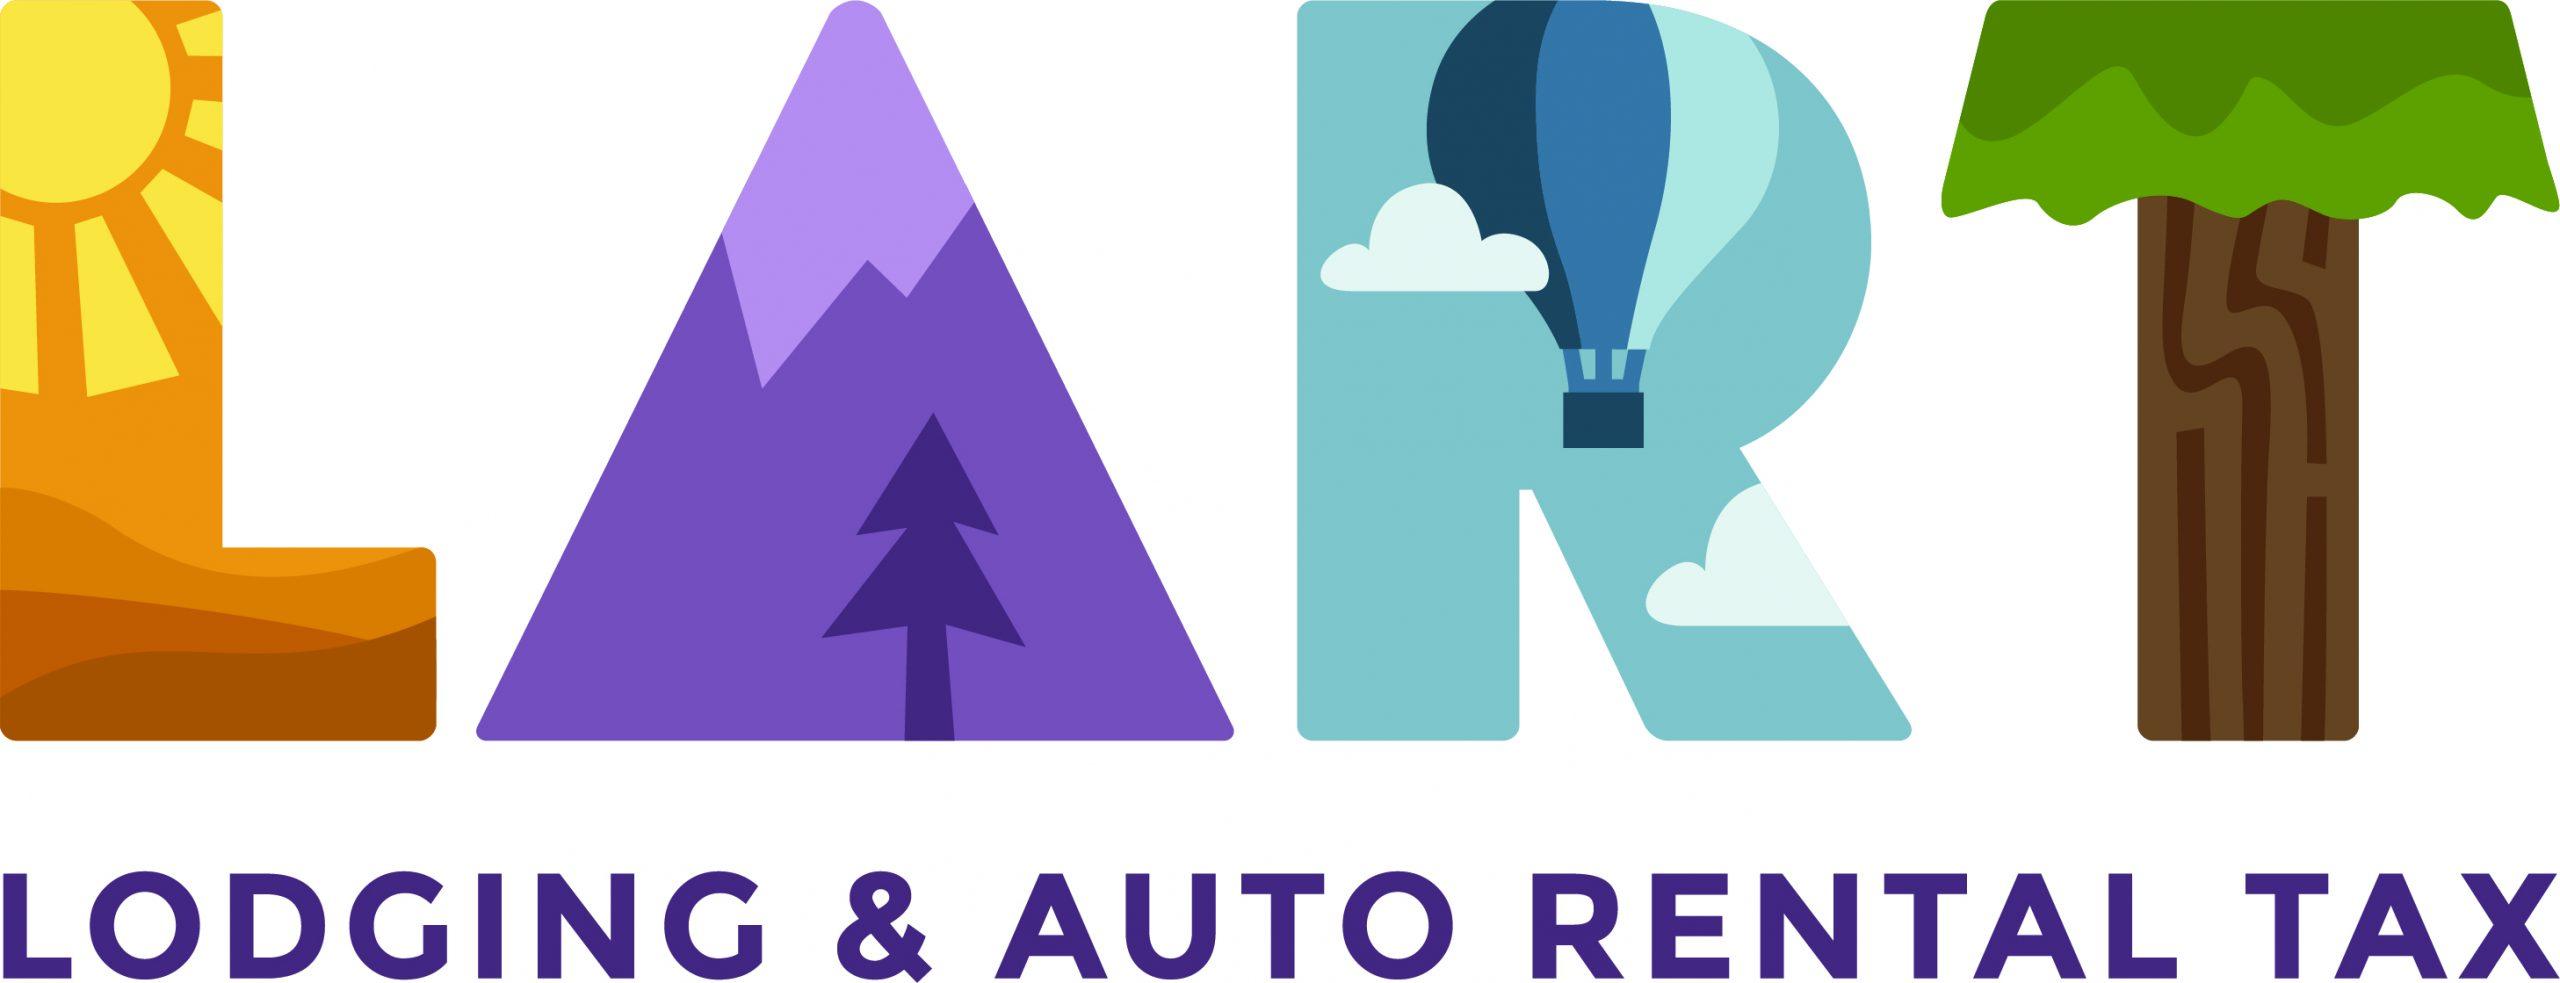 LART - Lodging & Auto Rental Tax